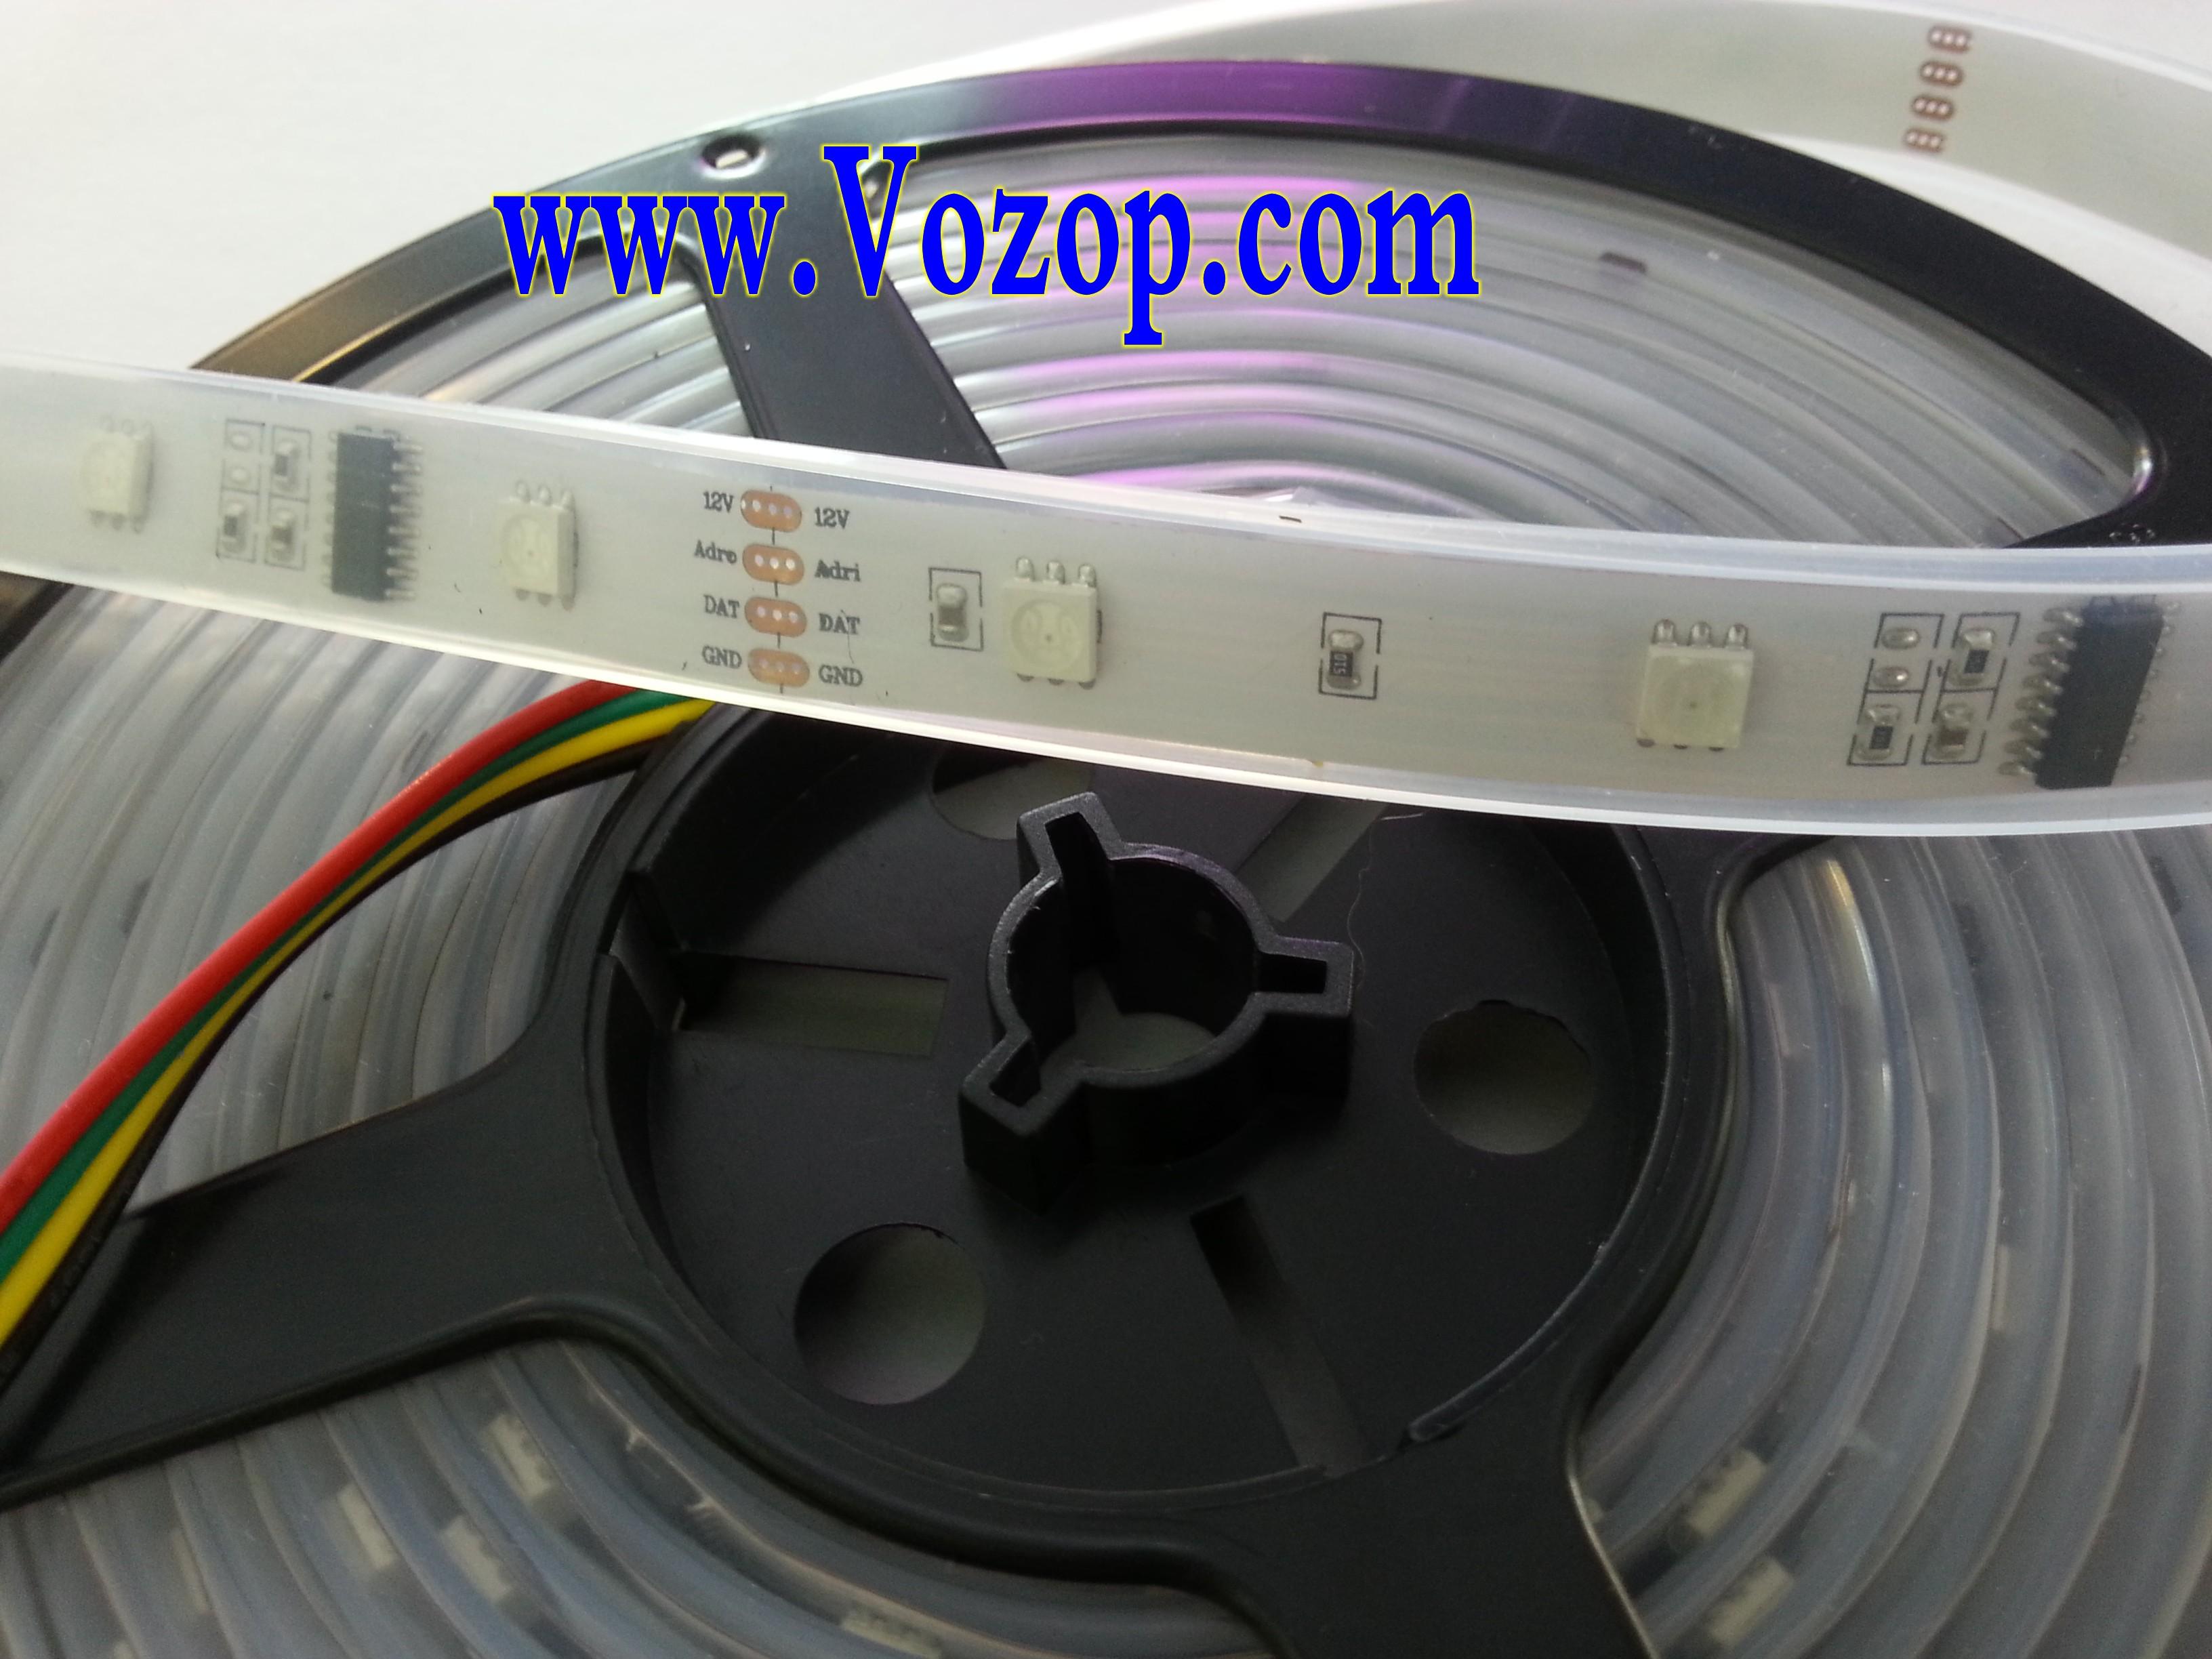 Dmx Addressable Rgb Led Lighting Strip 5m 150leds 12v